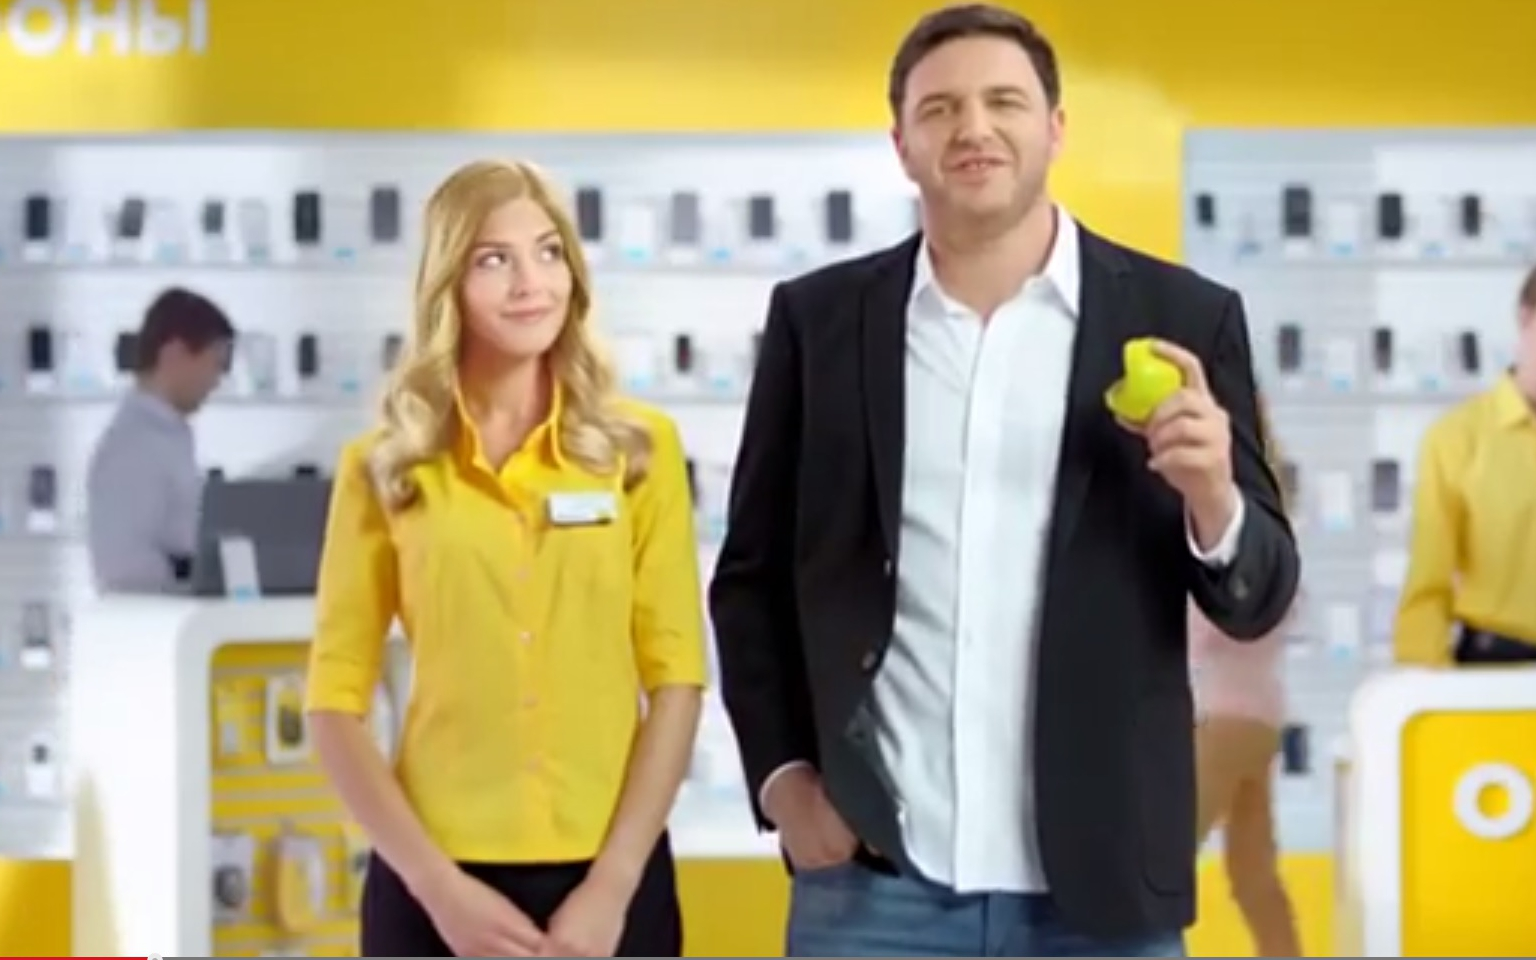 дКвартира актеры снимающиеся в рекламах нового телефонов определение